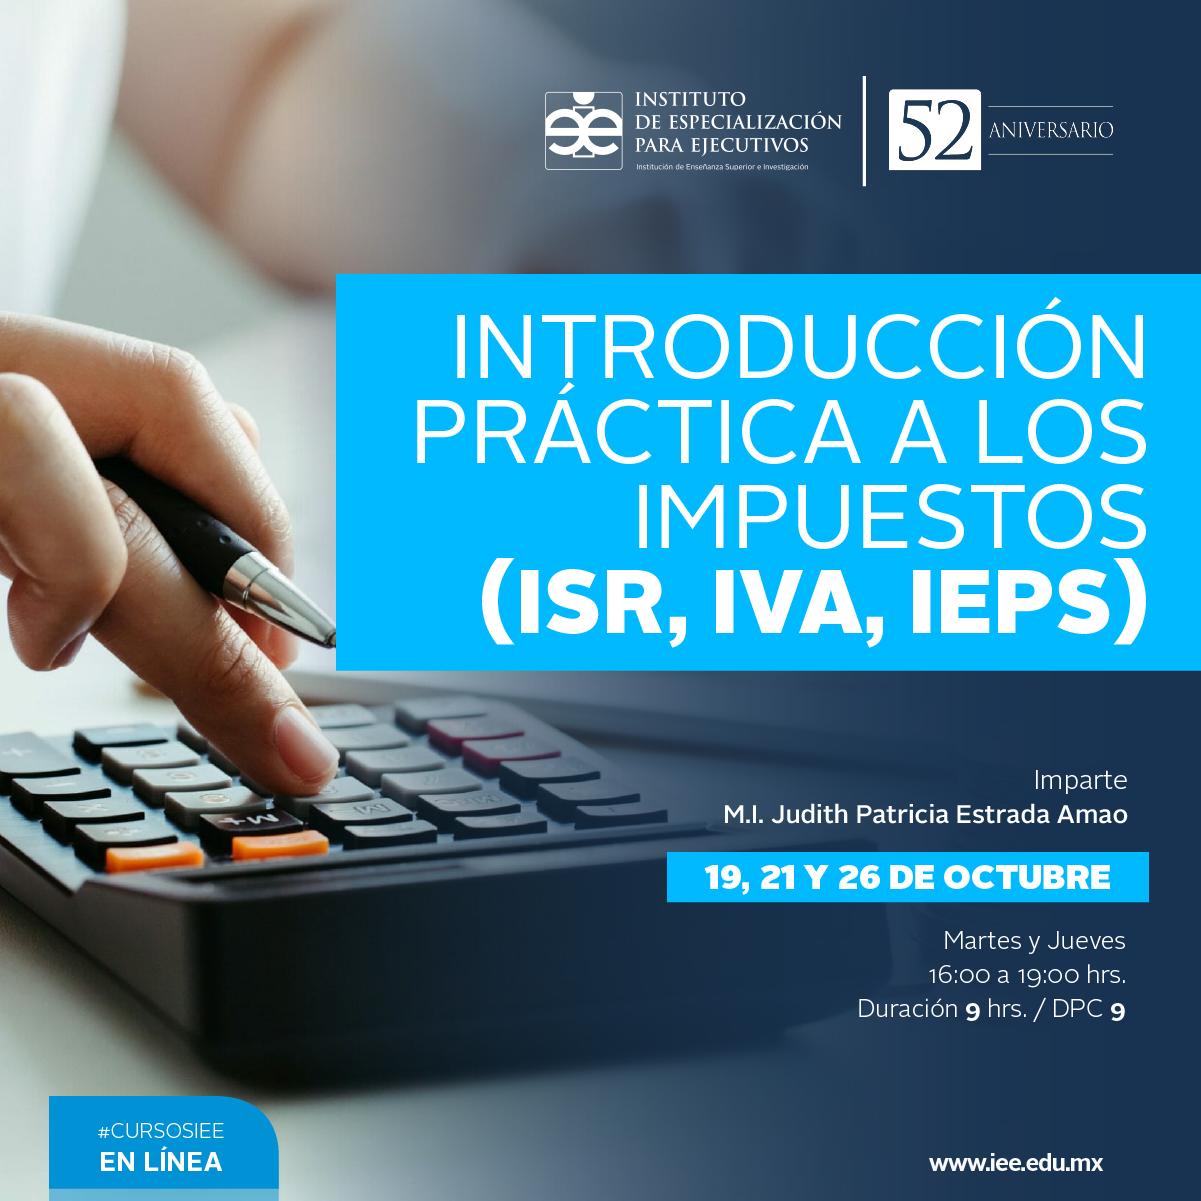 Curso en Línea Introducción Práctica a los Impuestos (ISR, IVA, IEPS)